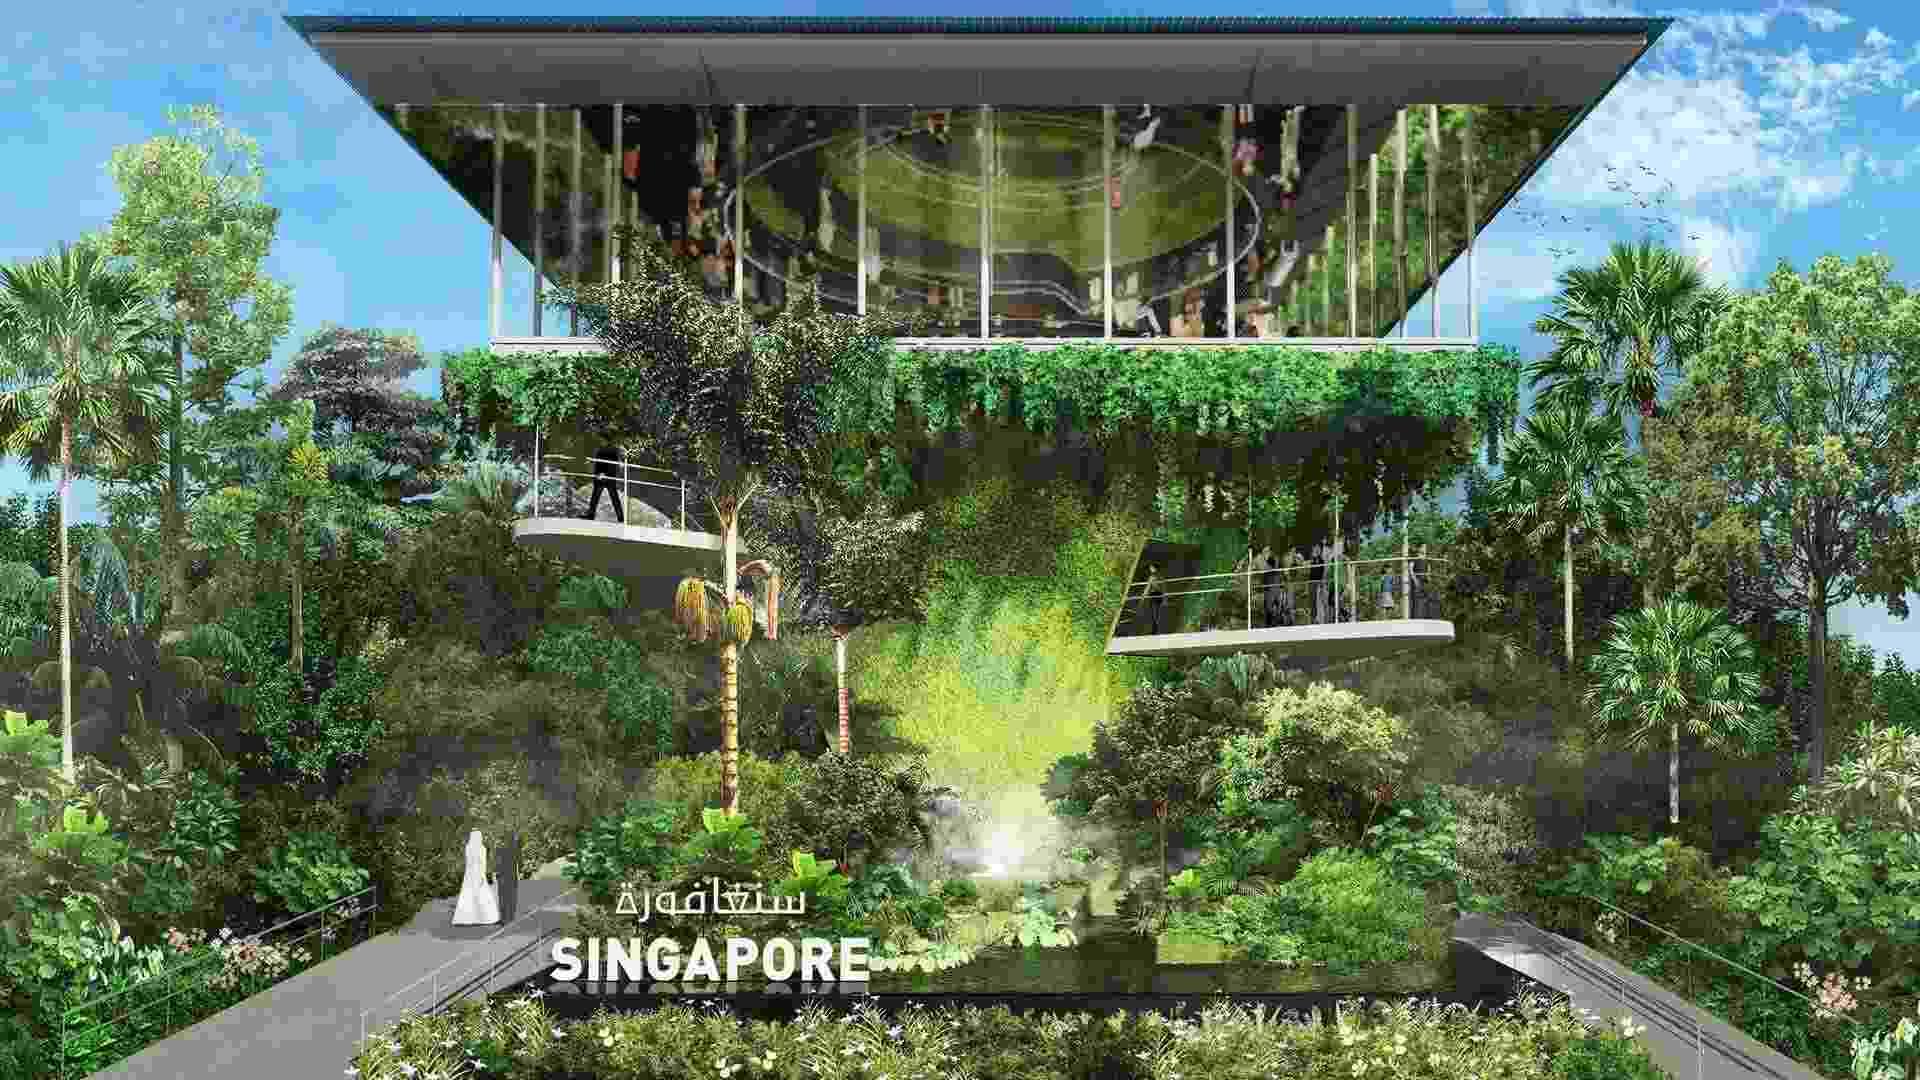 Será difícil perceber onde a natureza termina e a arquitetura começa no pavilhão de Singapura, que parecerá mais uma selva - Divulgação